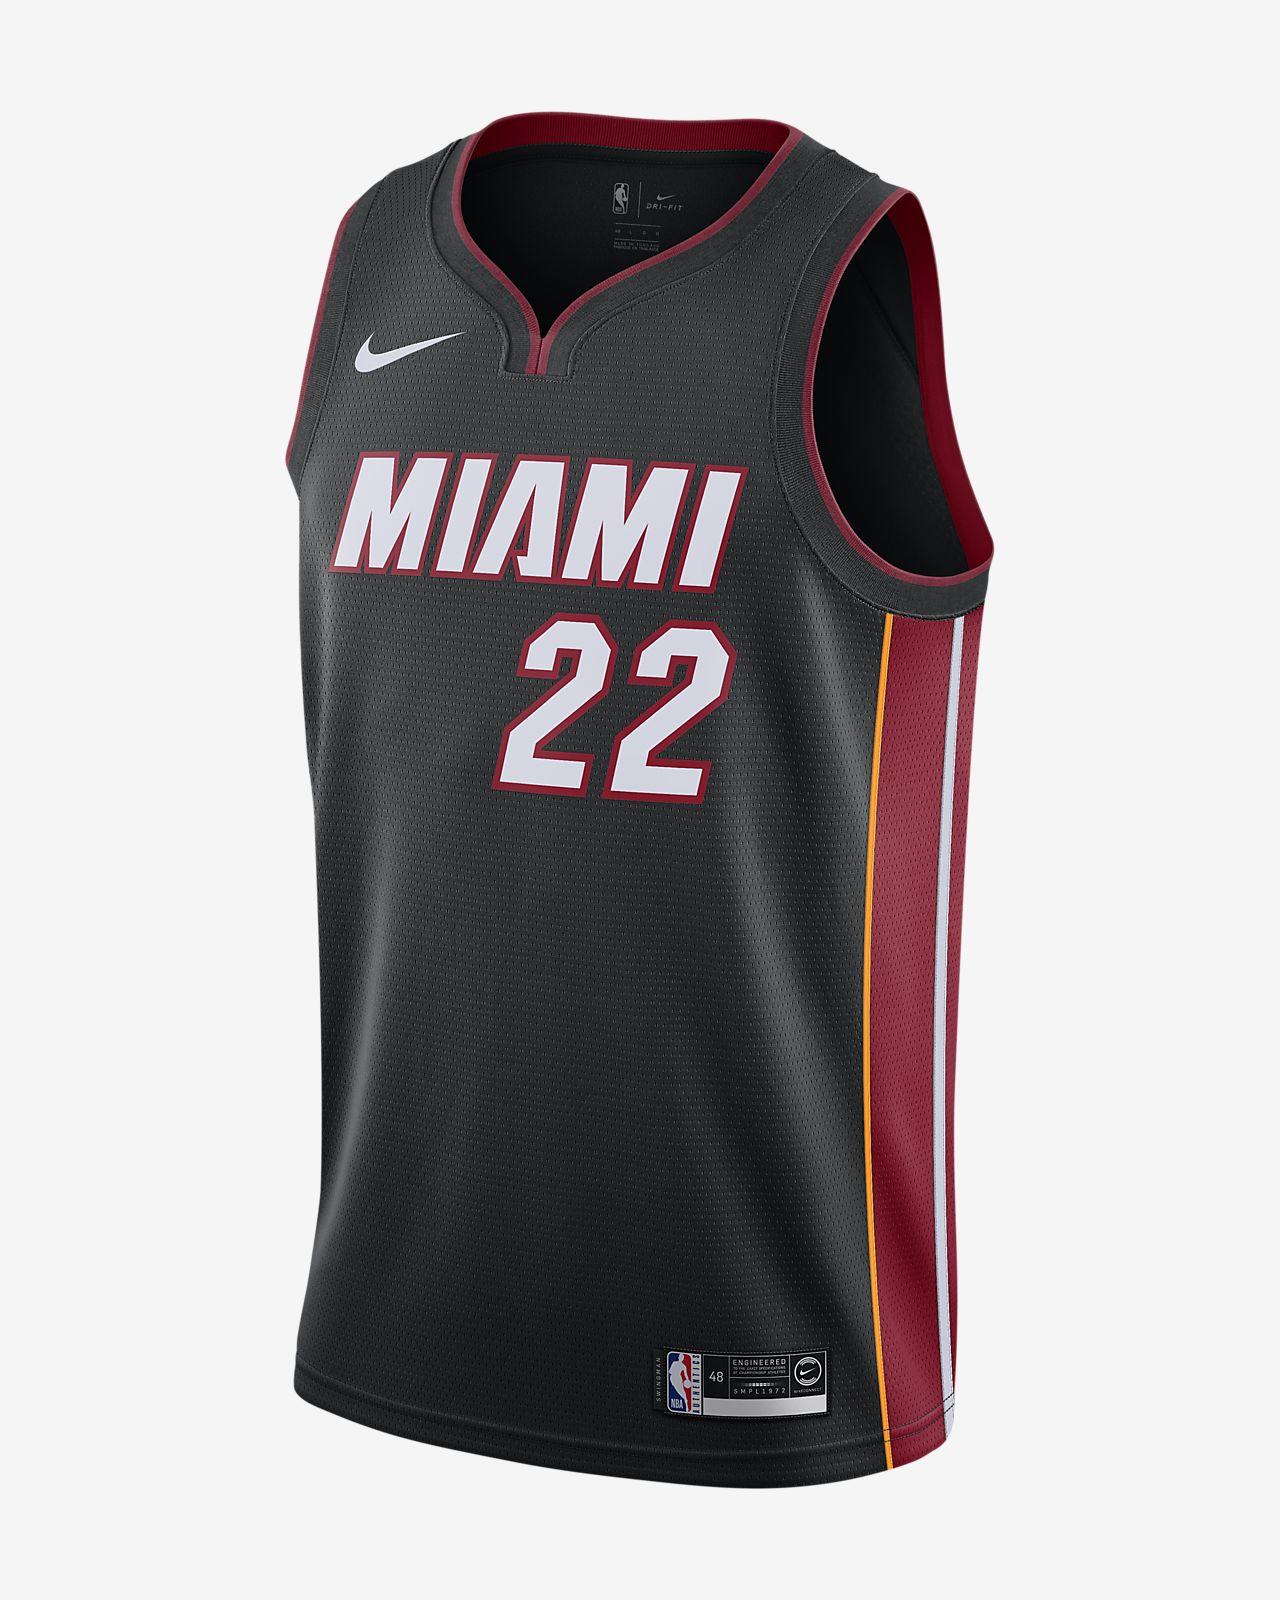 Φανέλα Nike NBA Swingman Jimmy Butler Heat Icon Edition